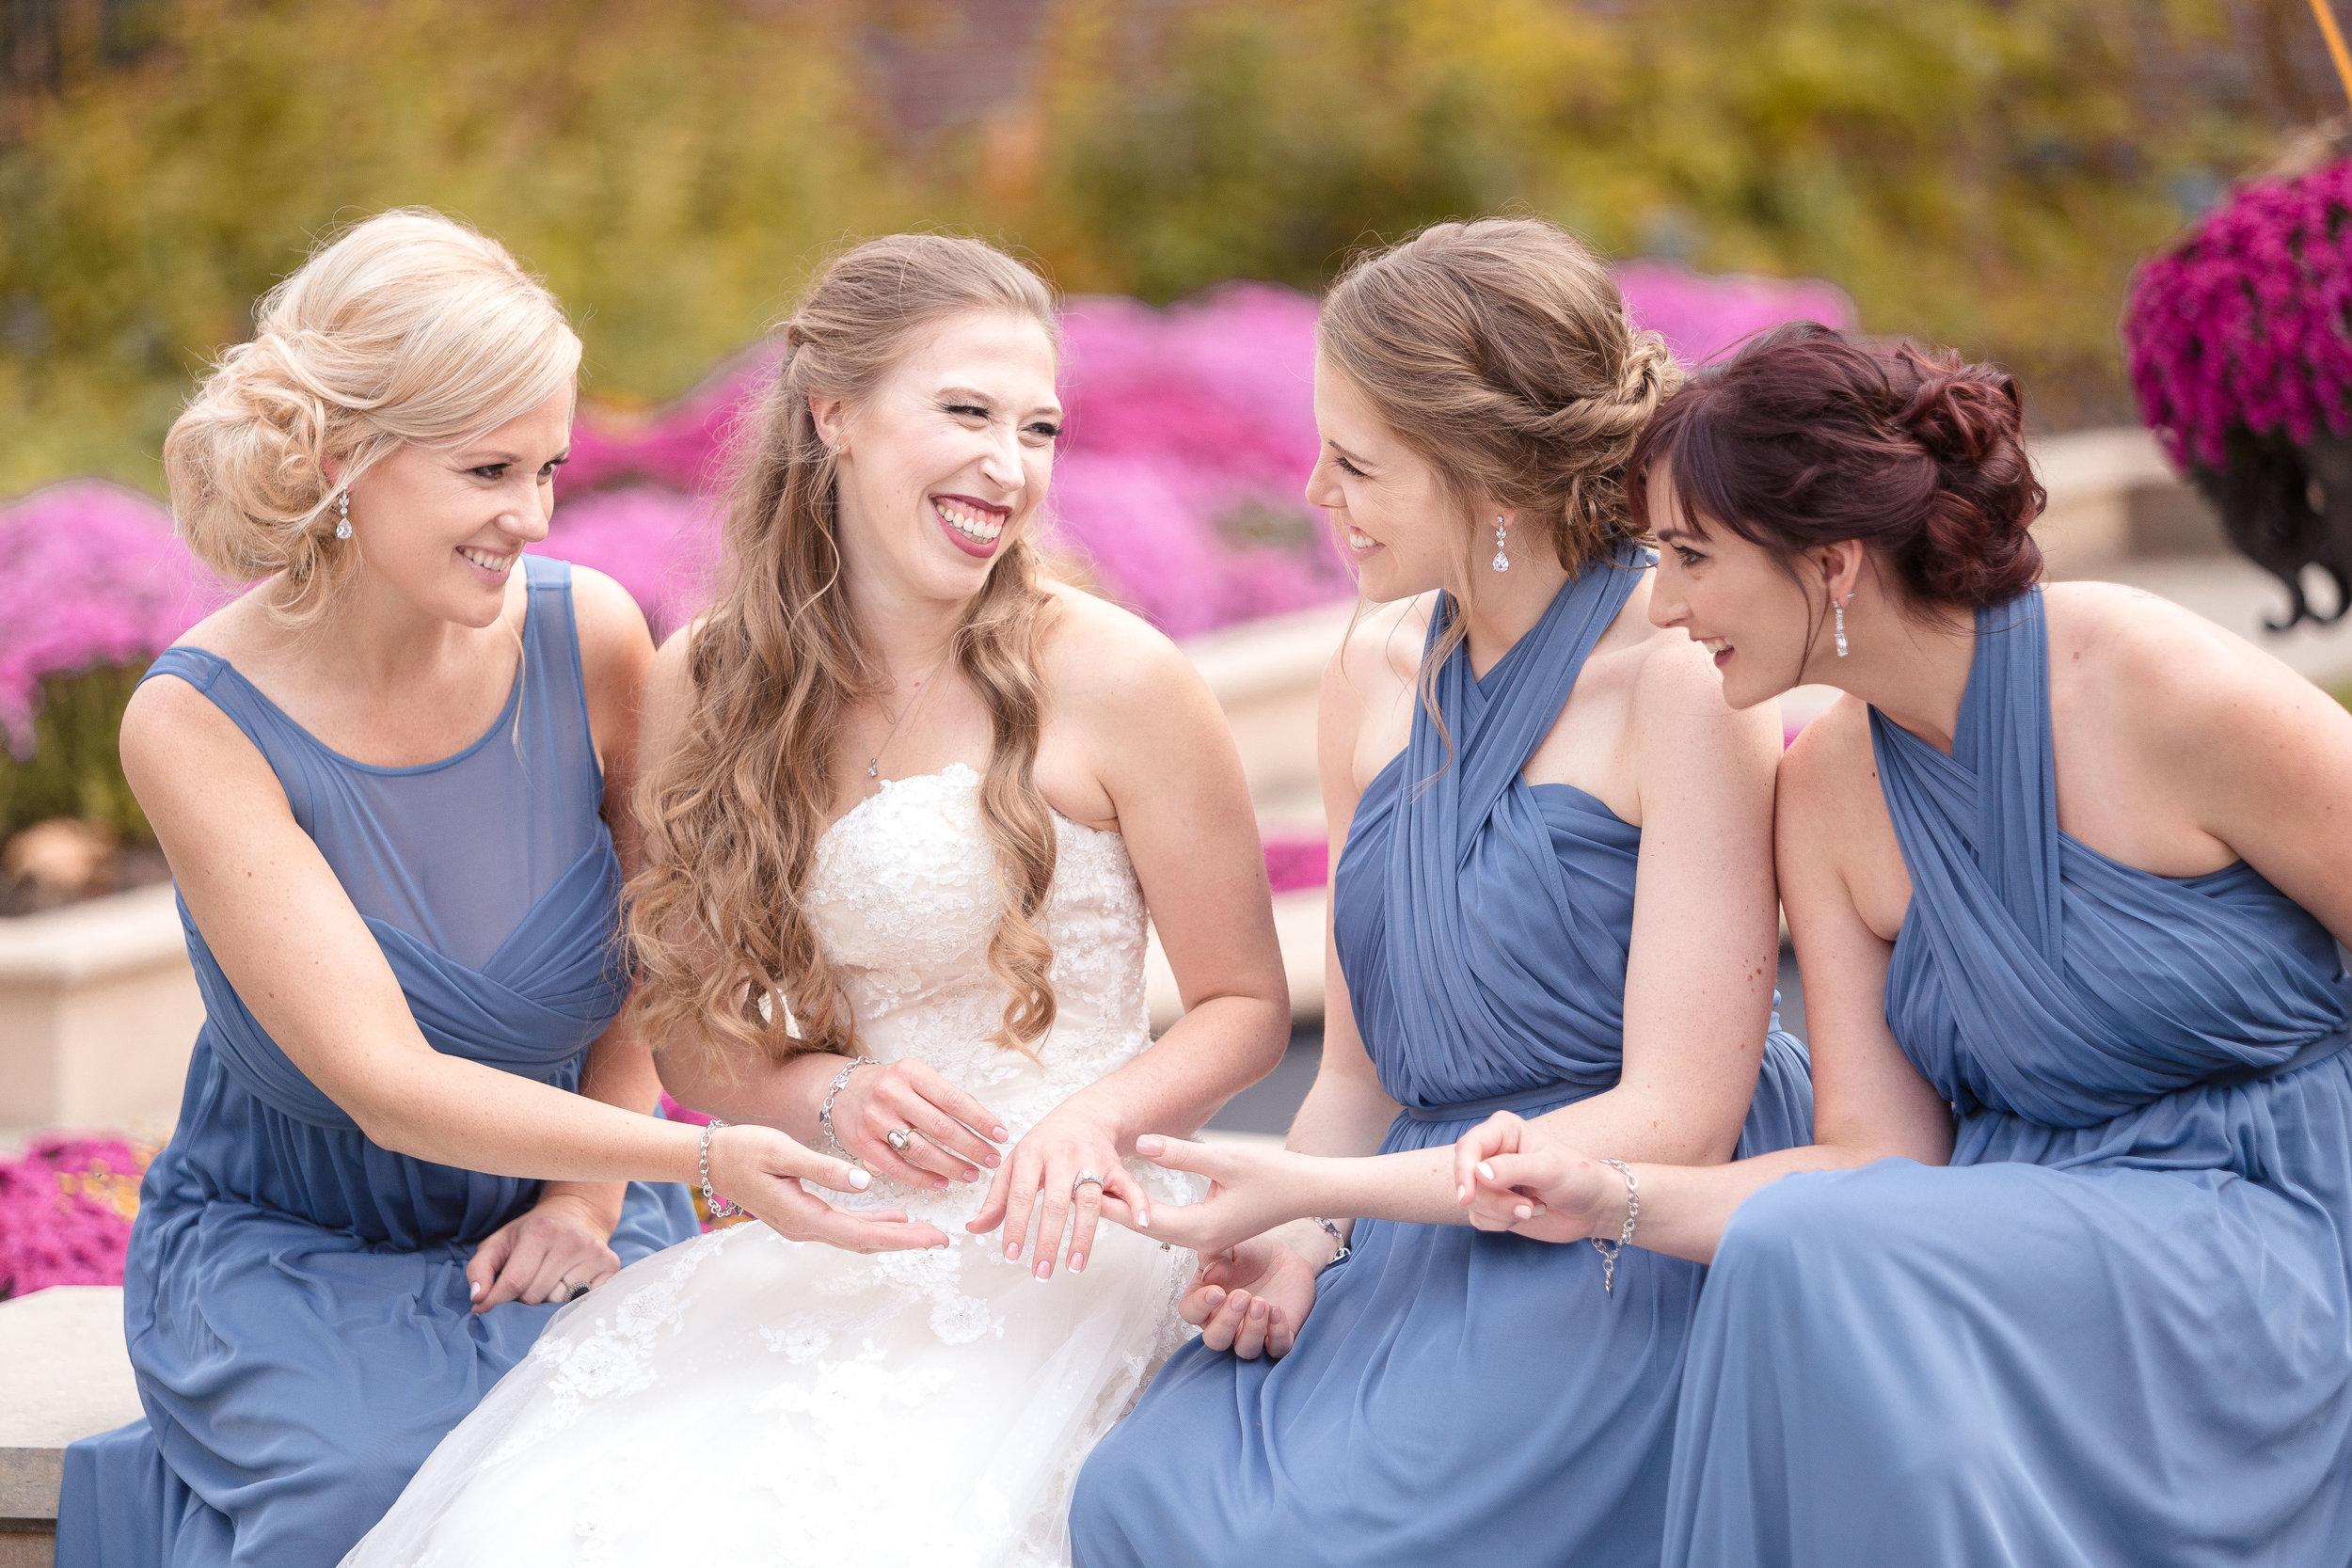 C_Wedding_Spellman, Megan & Tyler_10.27.18-942.JPG